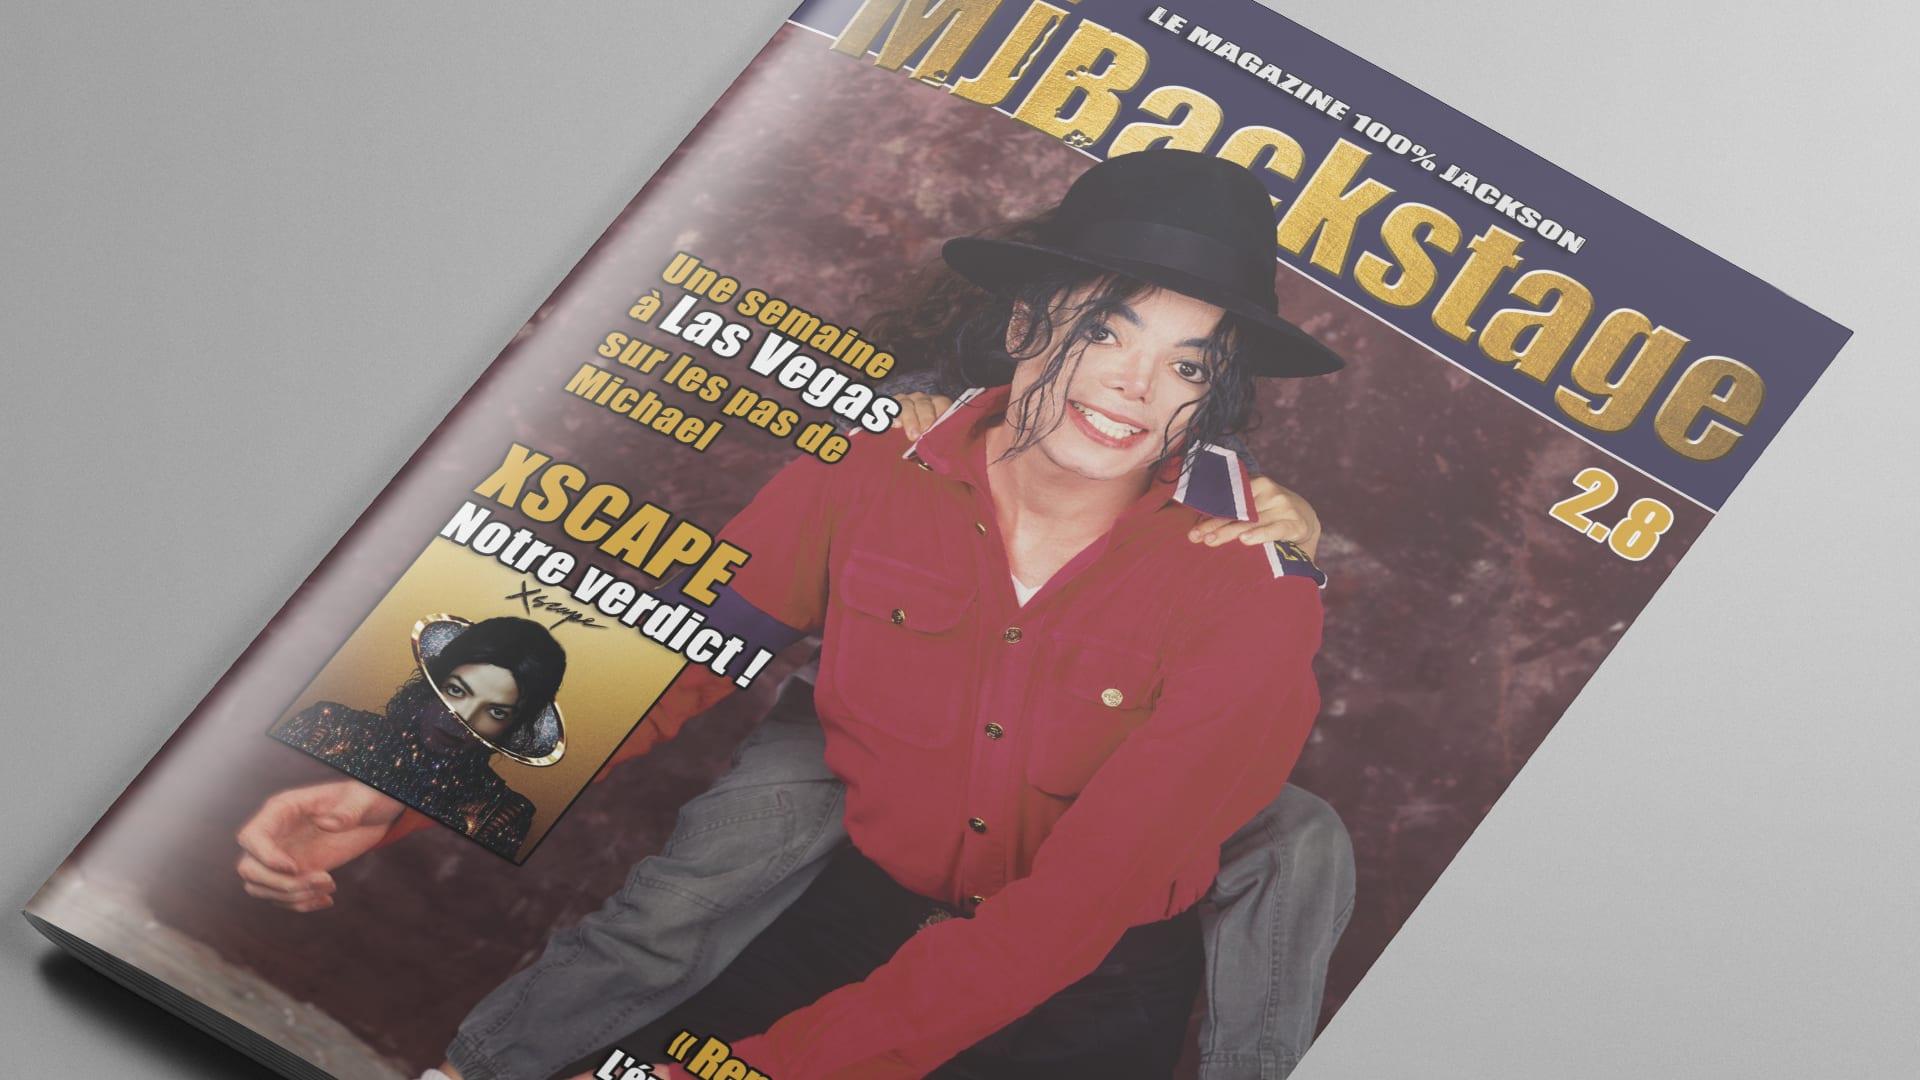 MJ Backstage 28